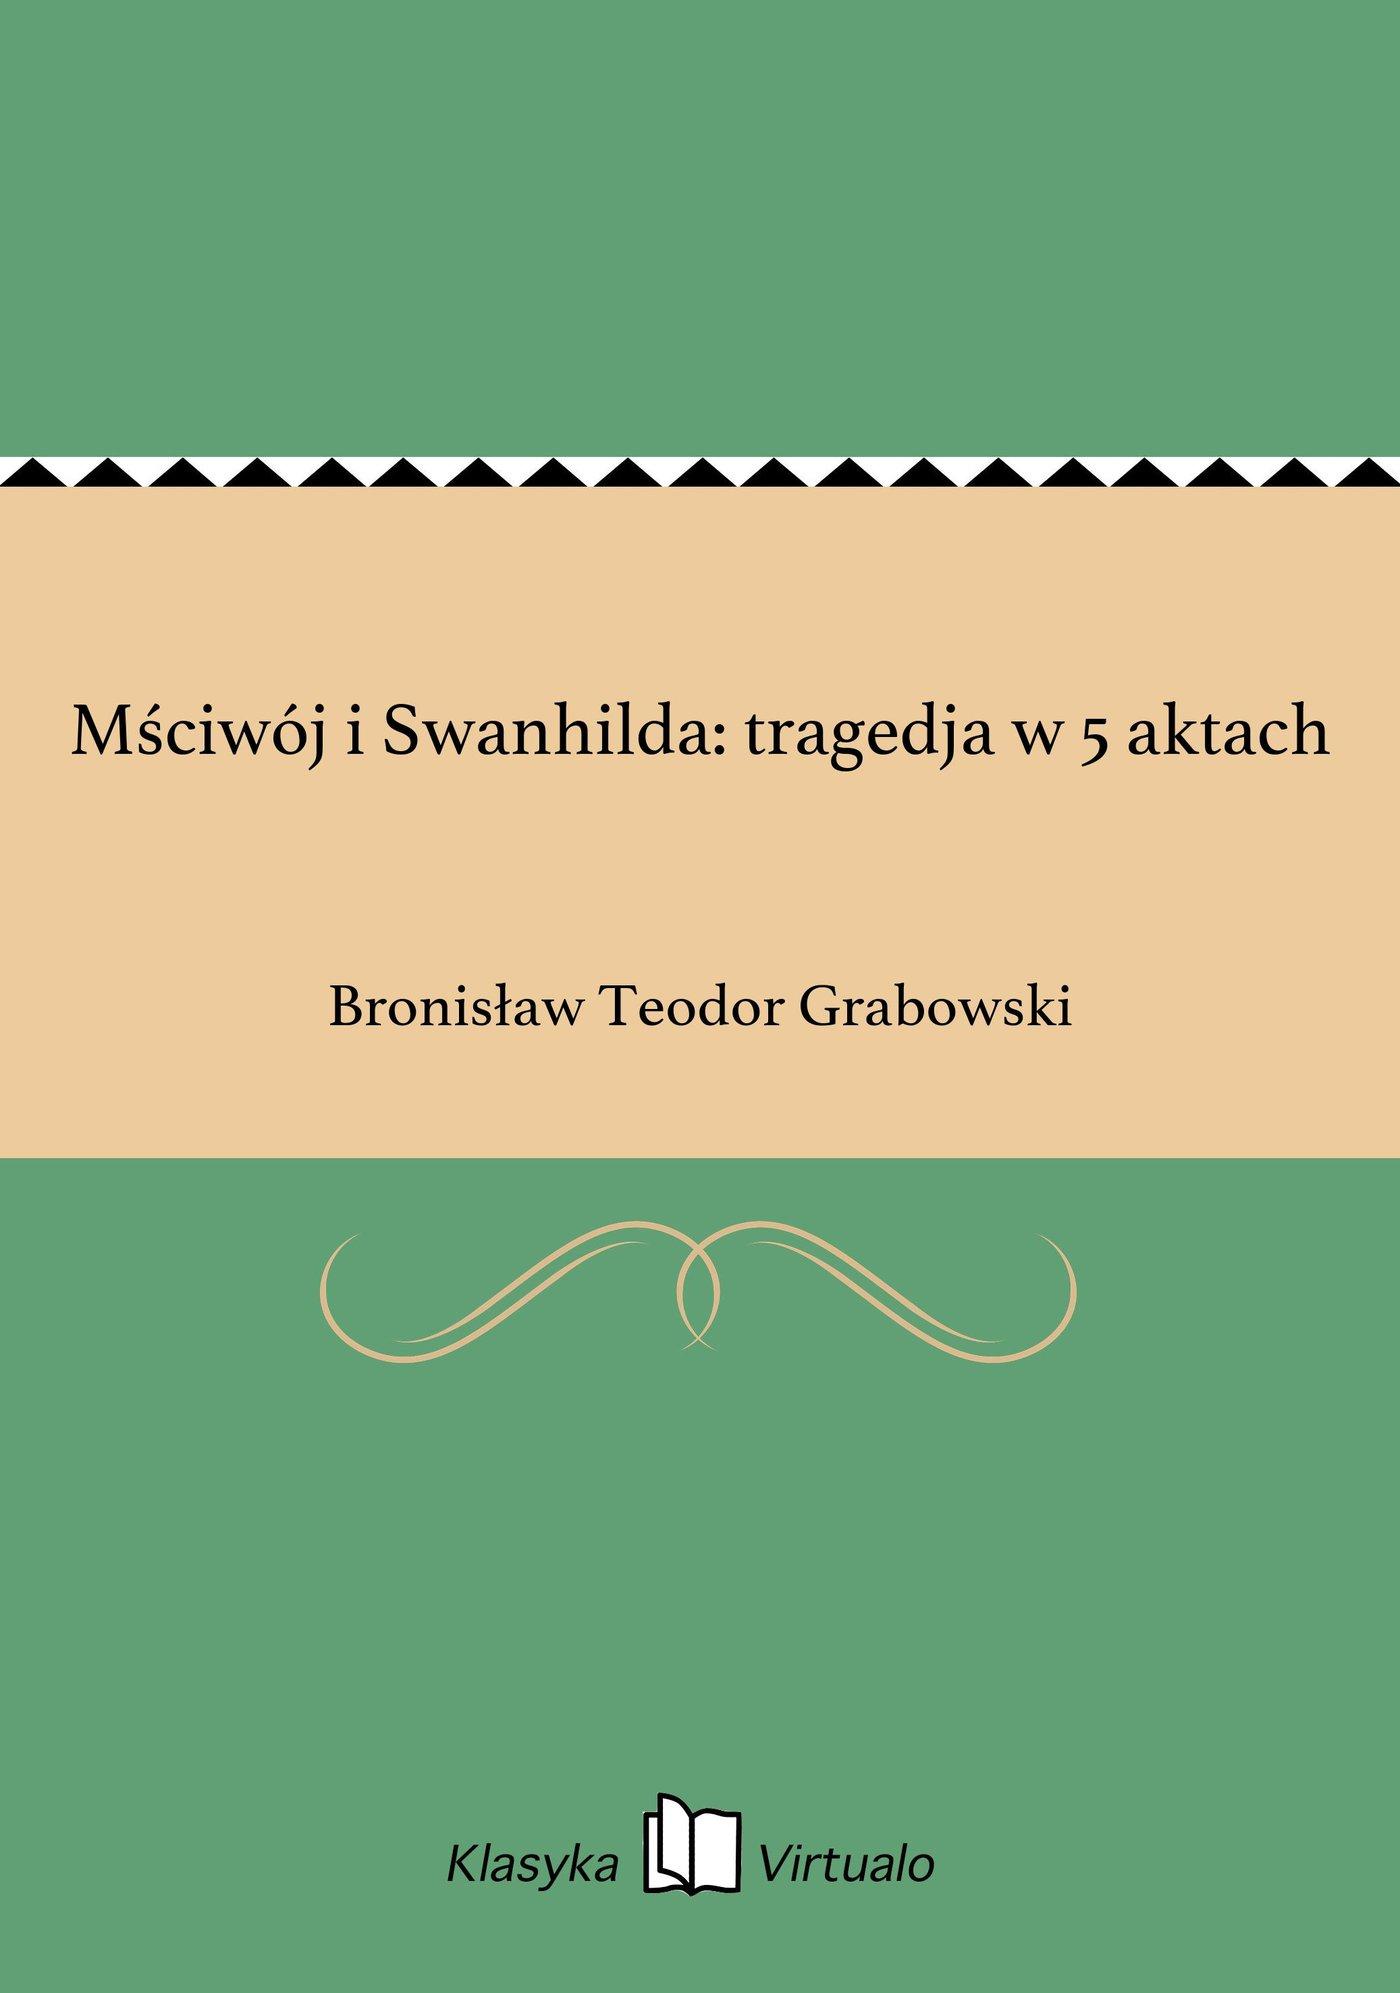 Mściwój i Swanhilda: tragedja w 5 aktach - Ebook (Książka EPUB) do pobrania w formacie EPUB